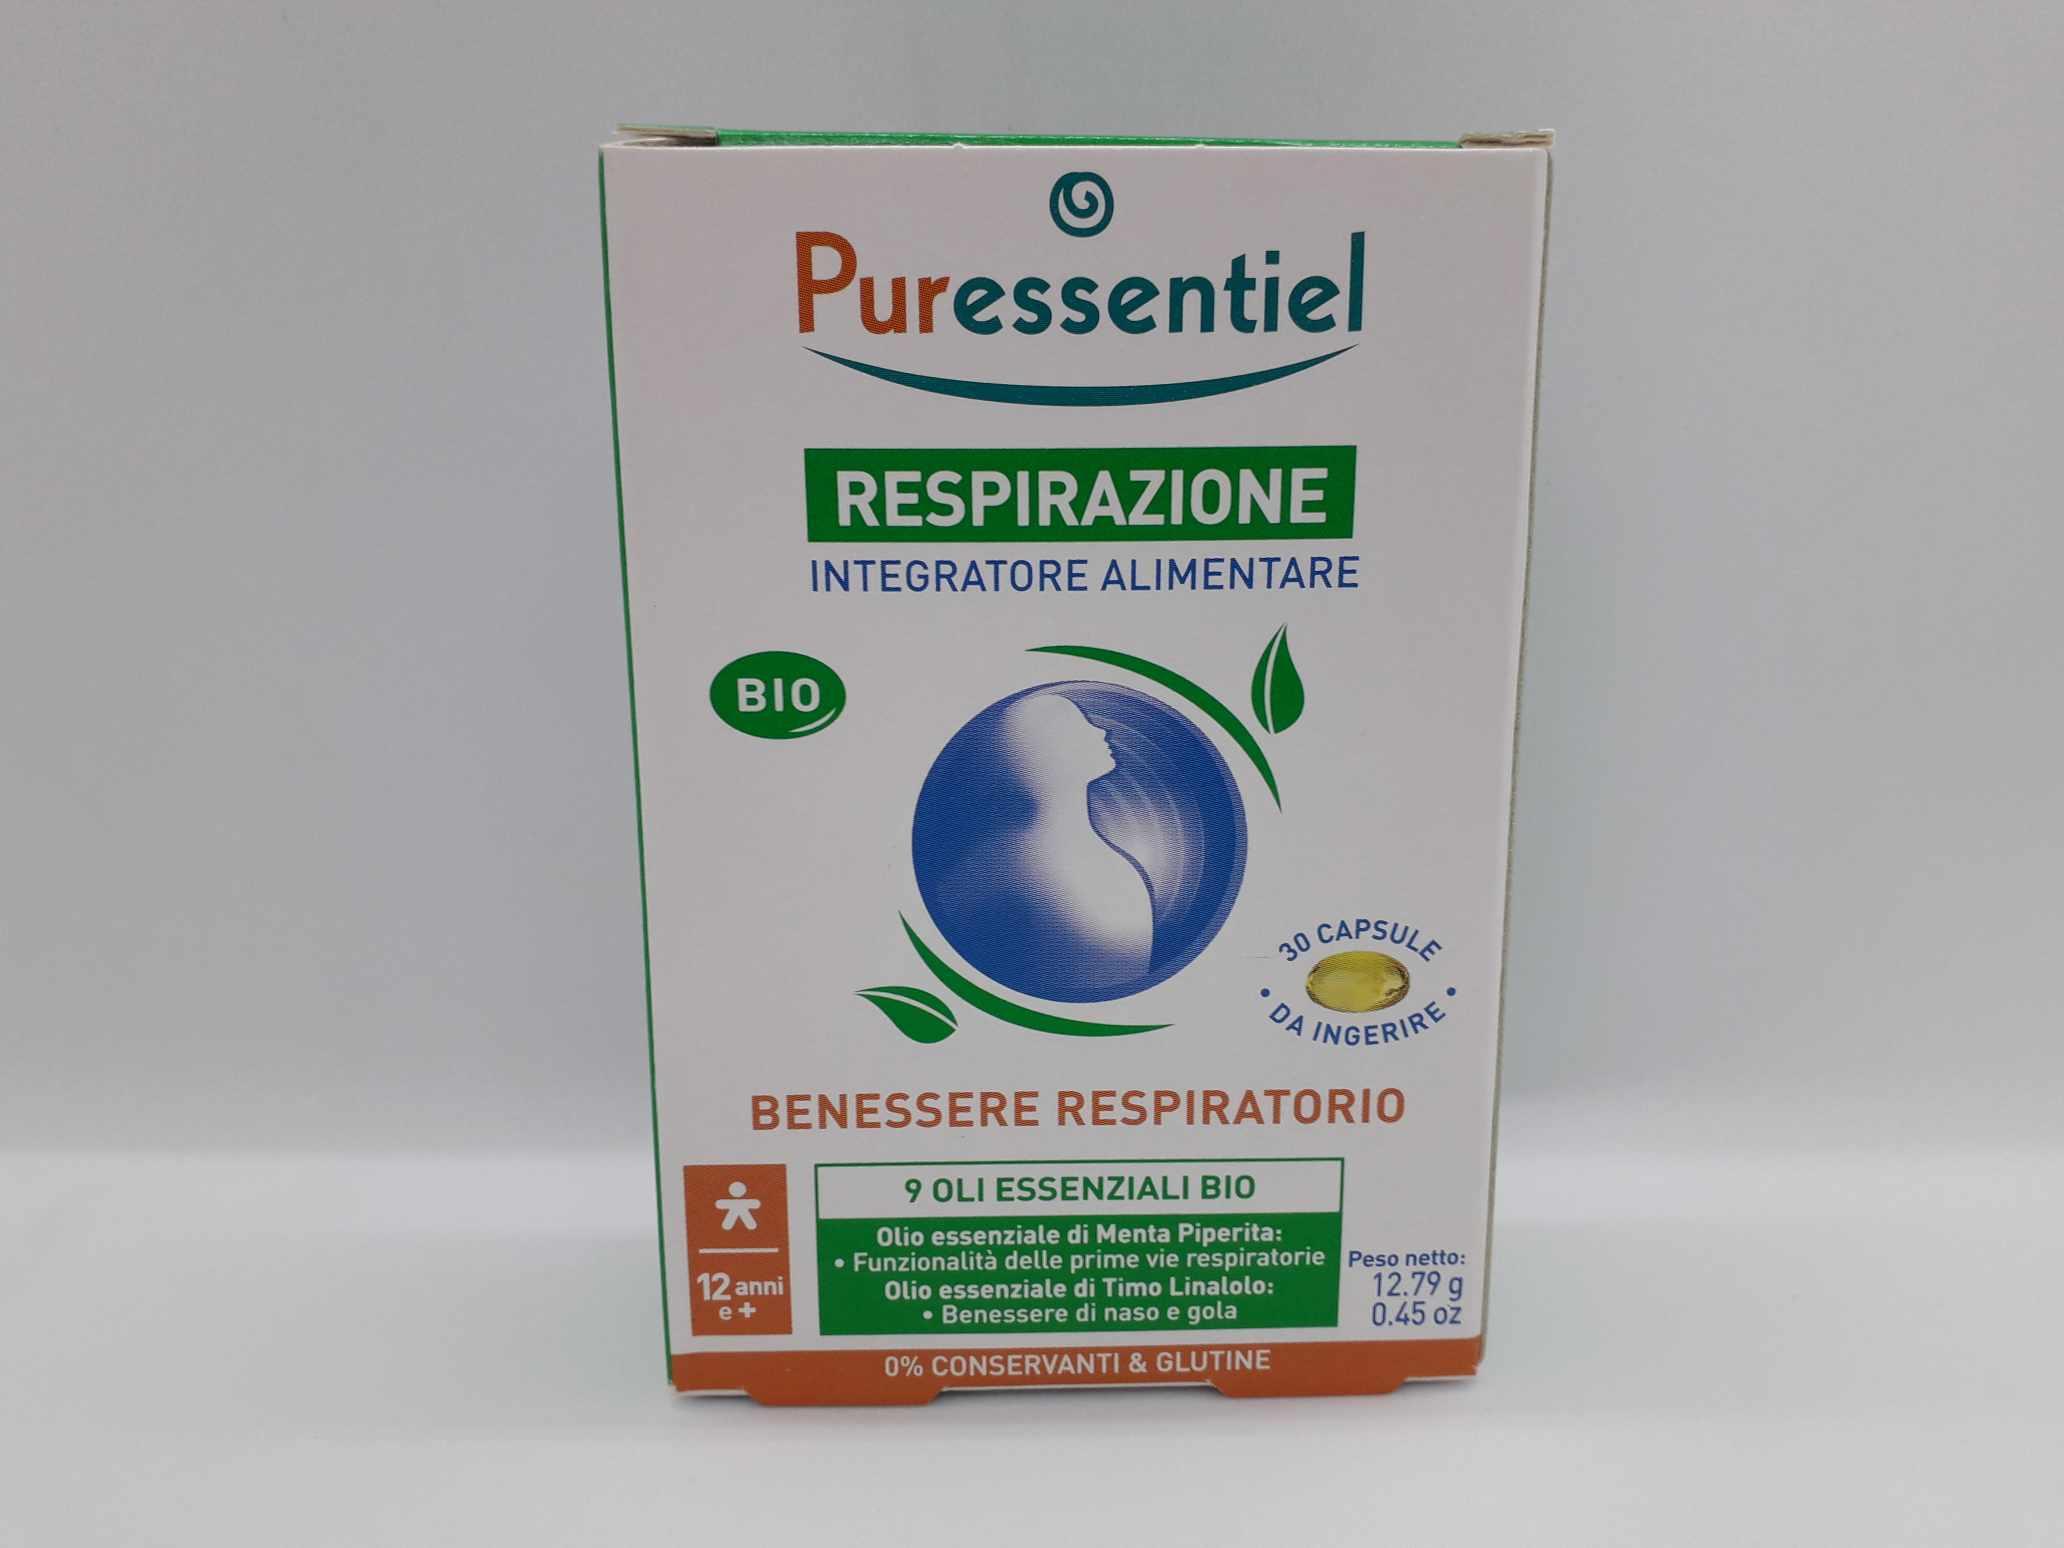 PURESSENTIEL CAPSULE INTEGRATORE RESPIRAZIONE CAPSULE - Farmaciaempatica.it